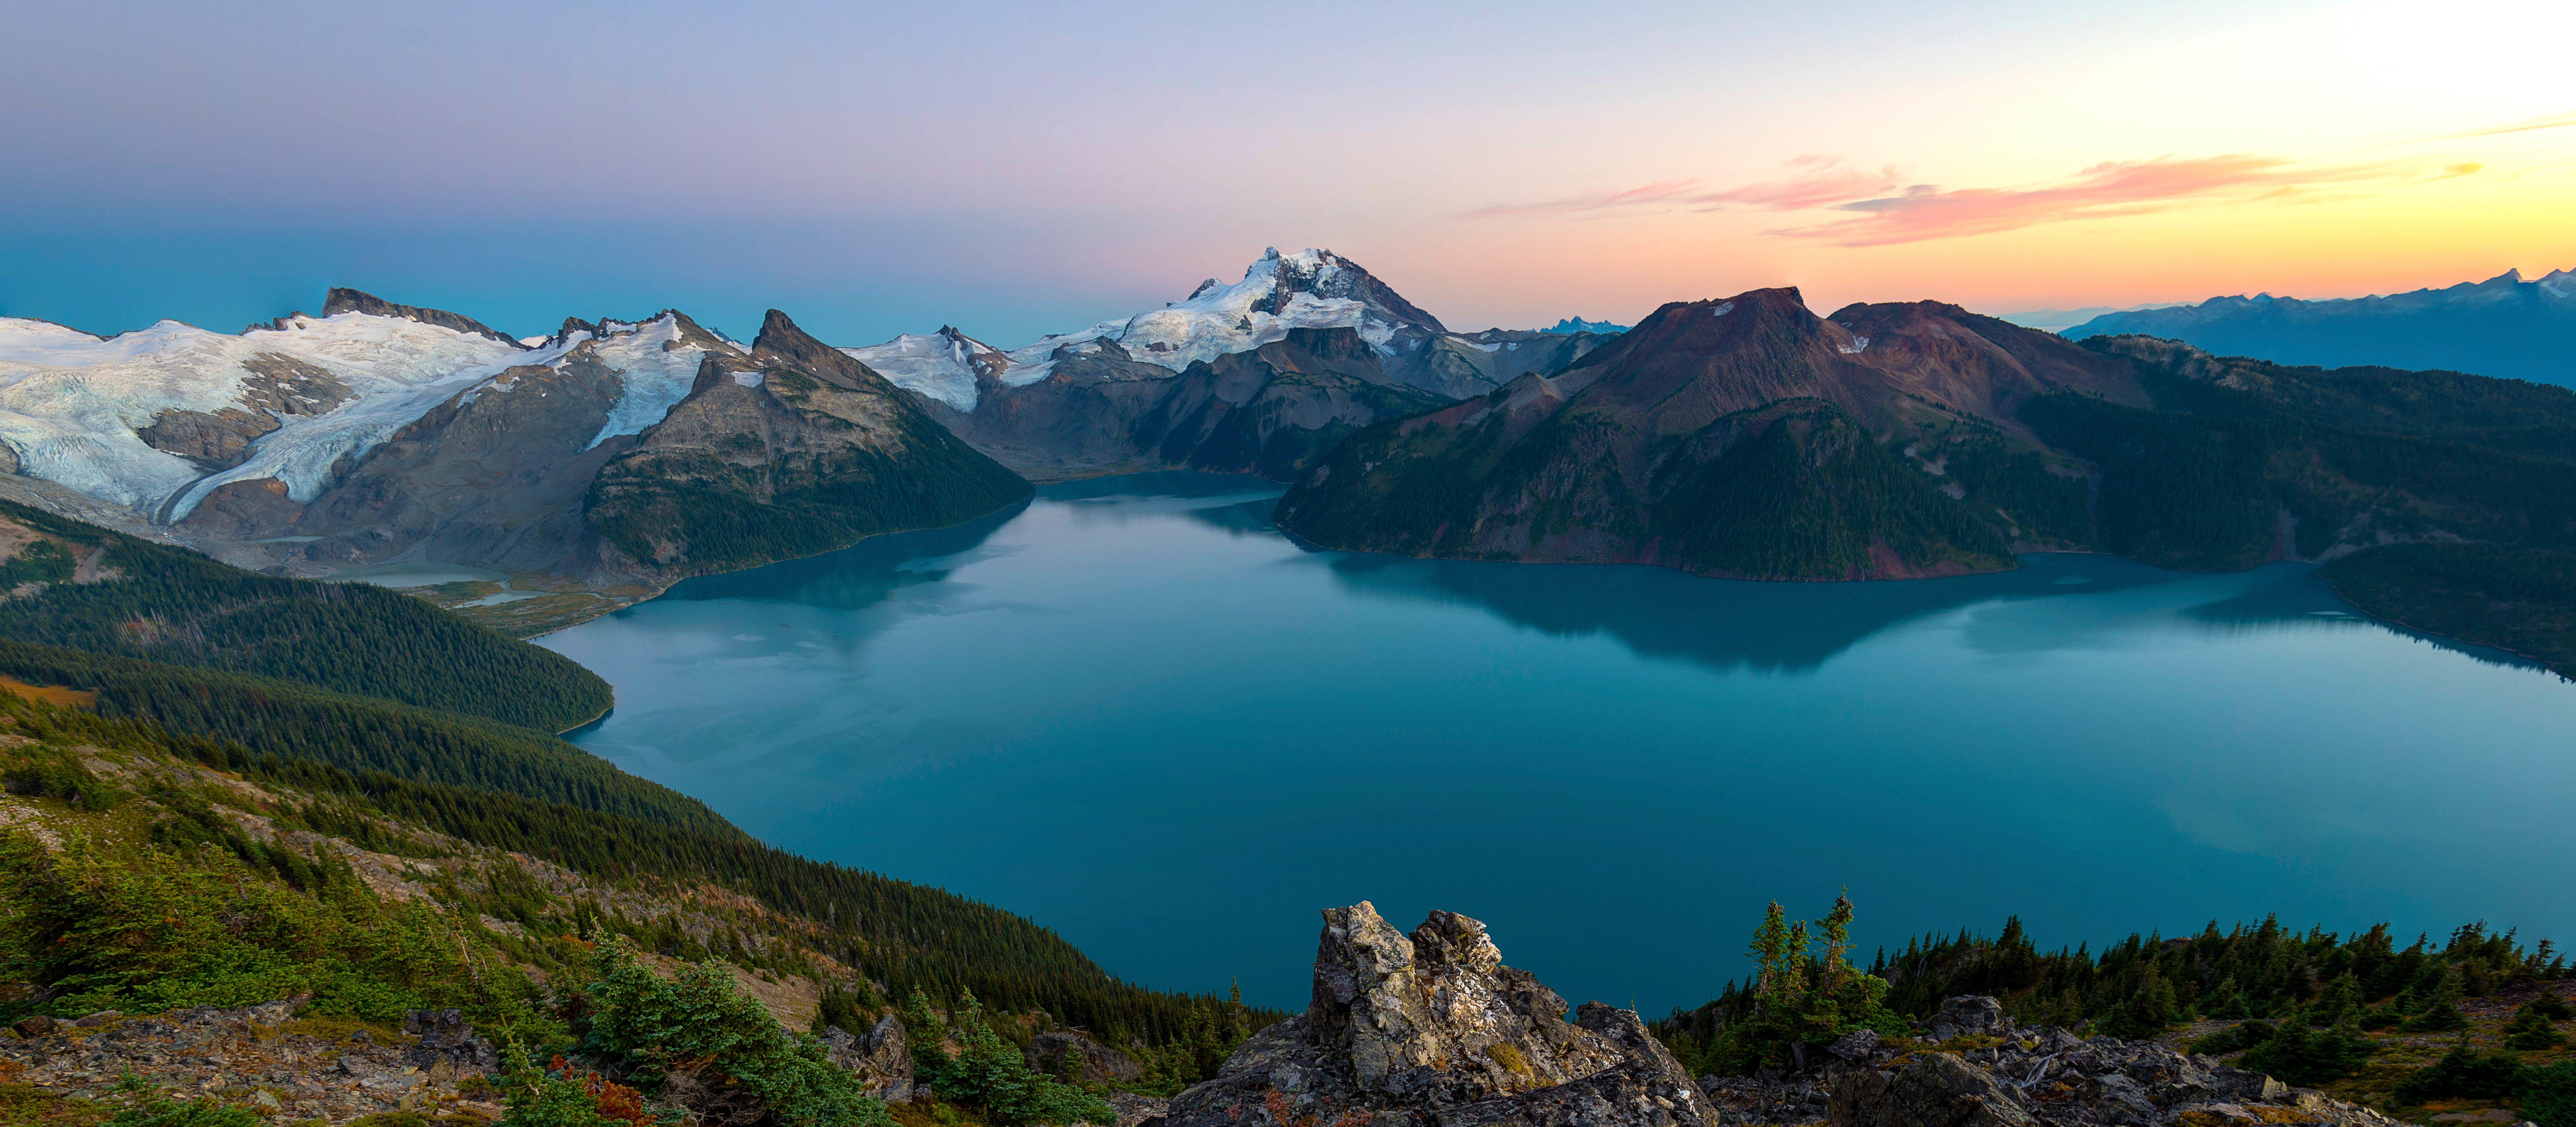 Ausblick auf den Garibaldi Lake und die Berge im Garibaldi Provincial Park